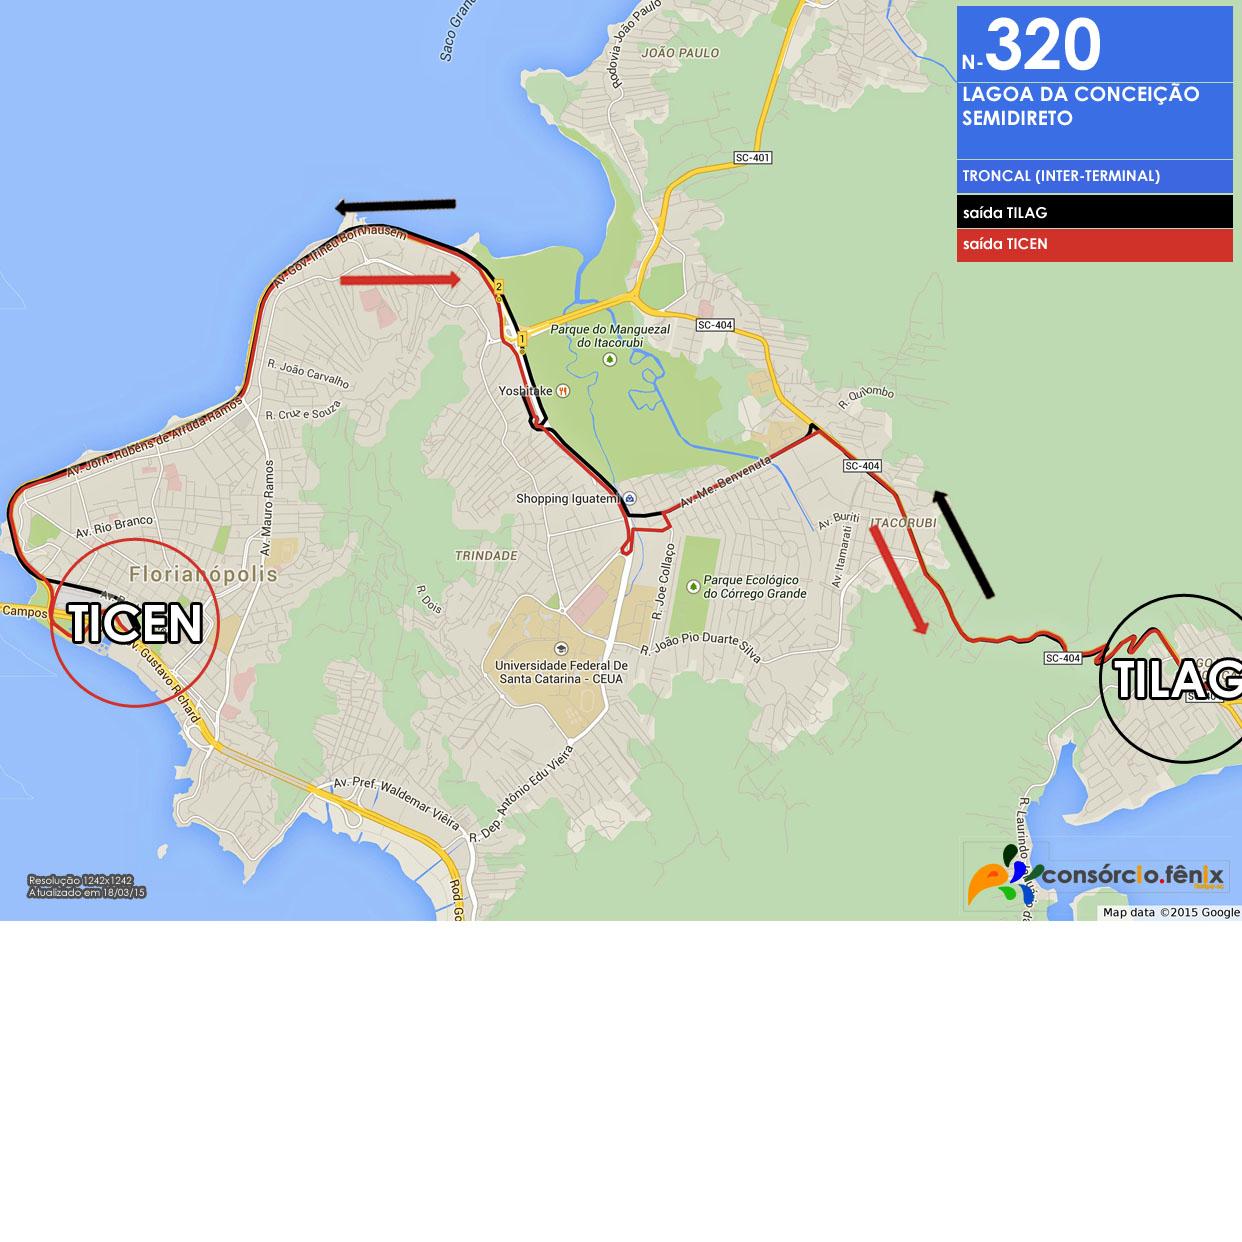 Horario de Onibus TILAG - TICEN via Beira Mar